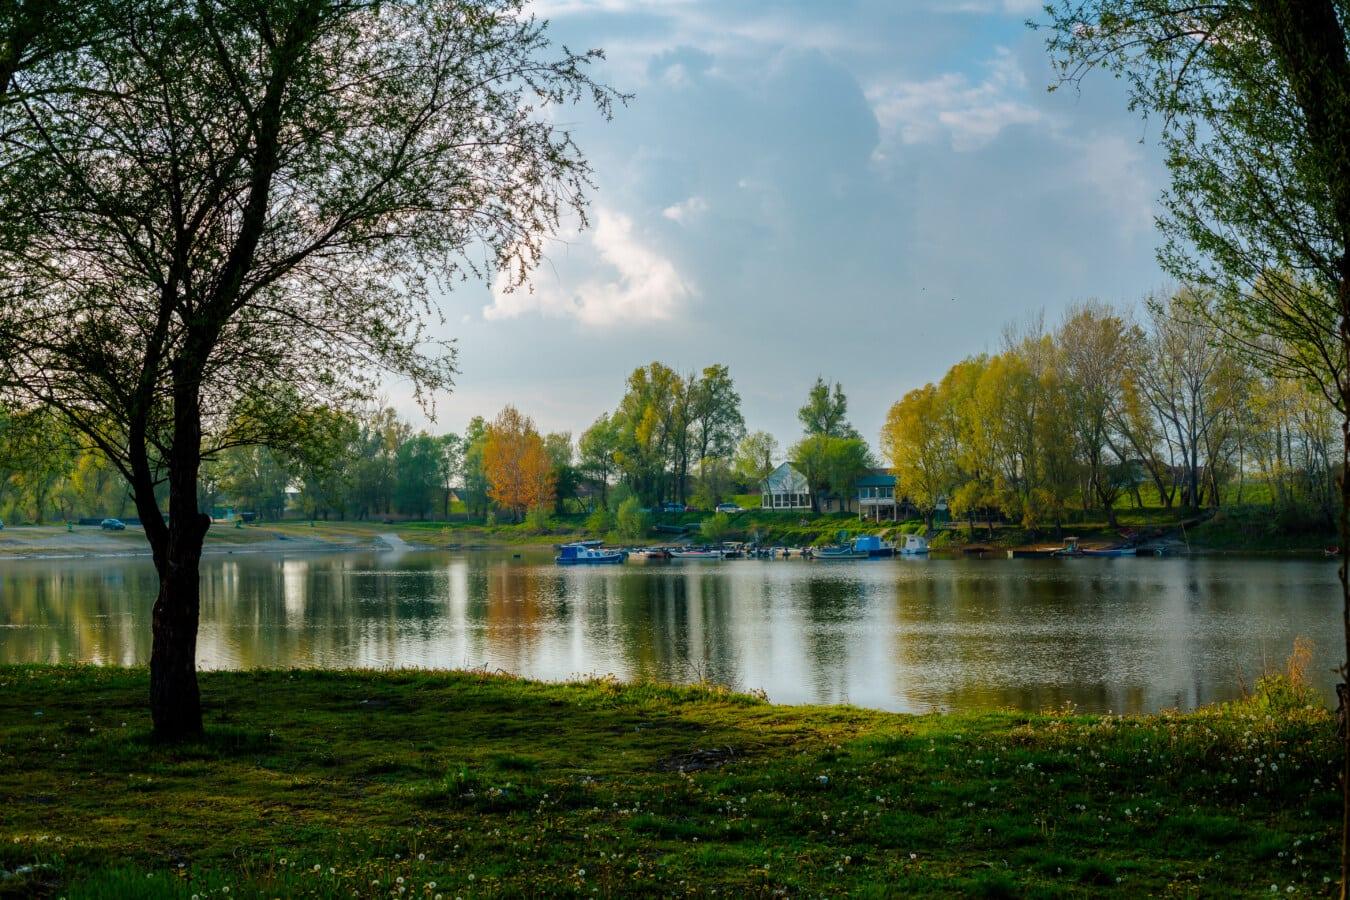 beau temps, au bord du lac, printemps, idyllique, Panorama, paysage, arbre, eau, rivière, forêt